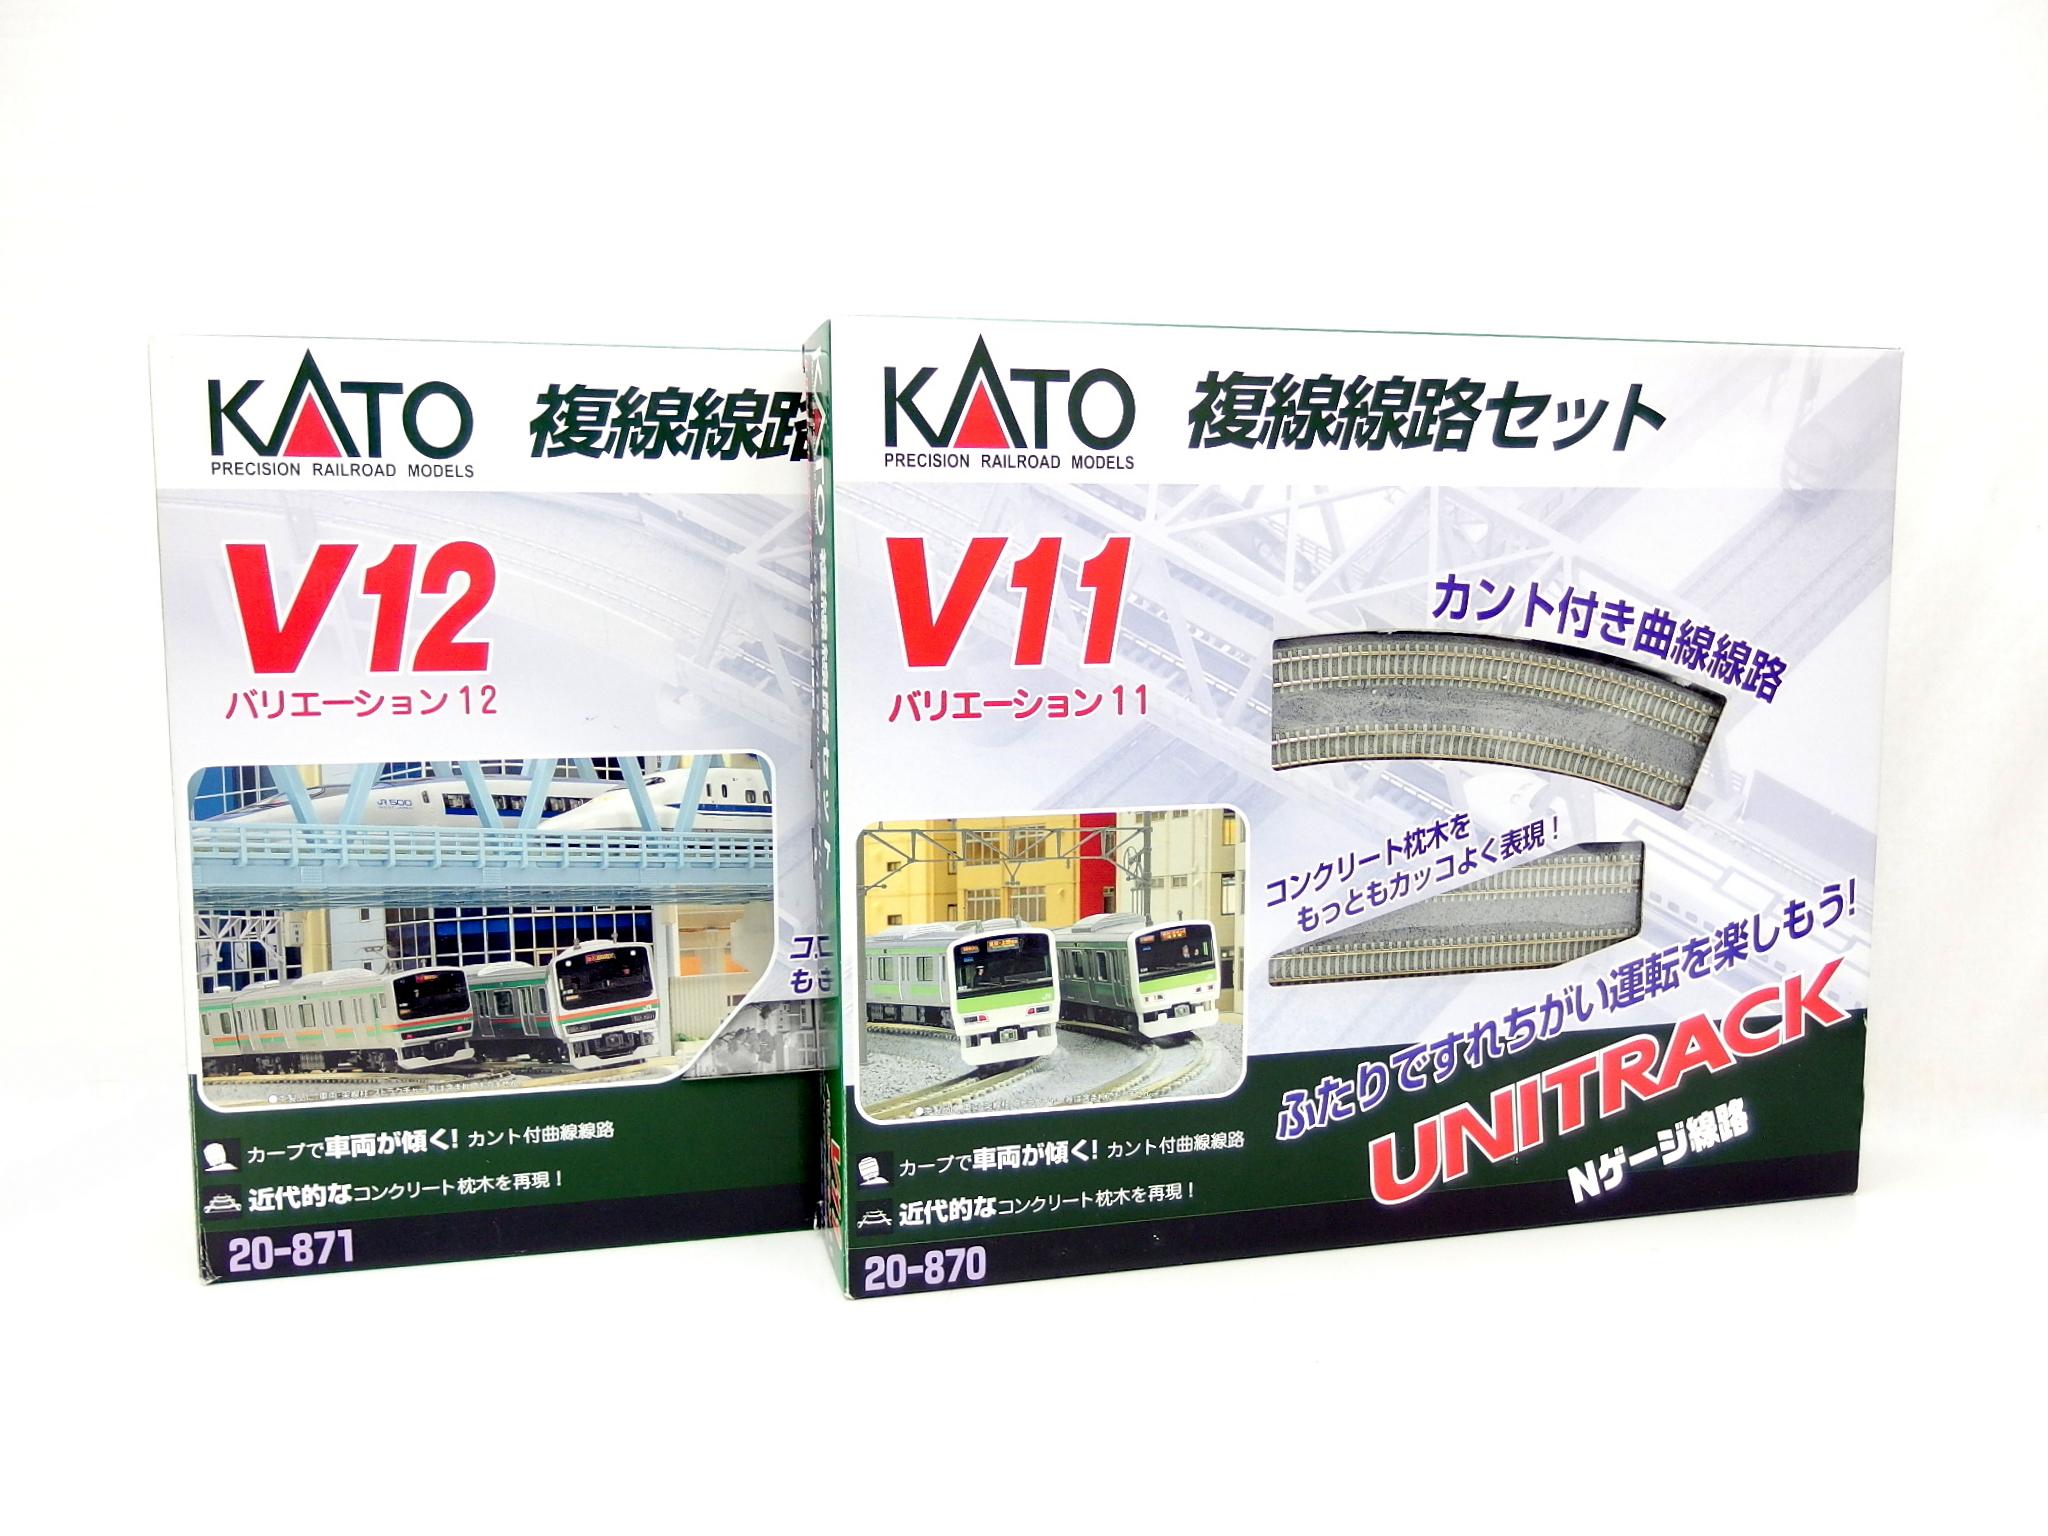 KATO Nゲージ ユニトラック複線線路シリーズ V11/V12